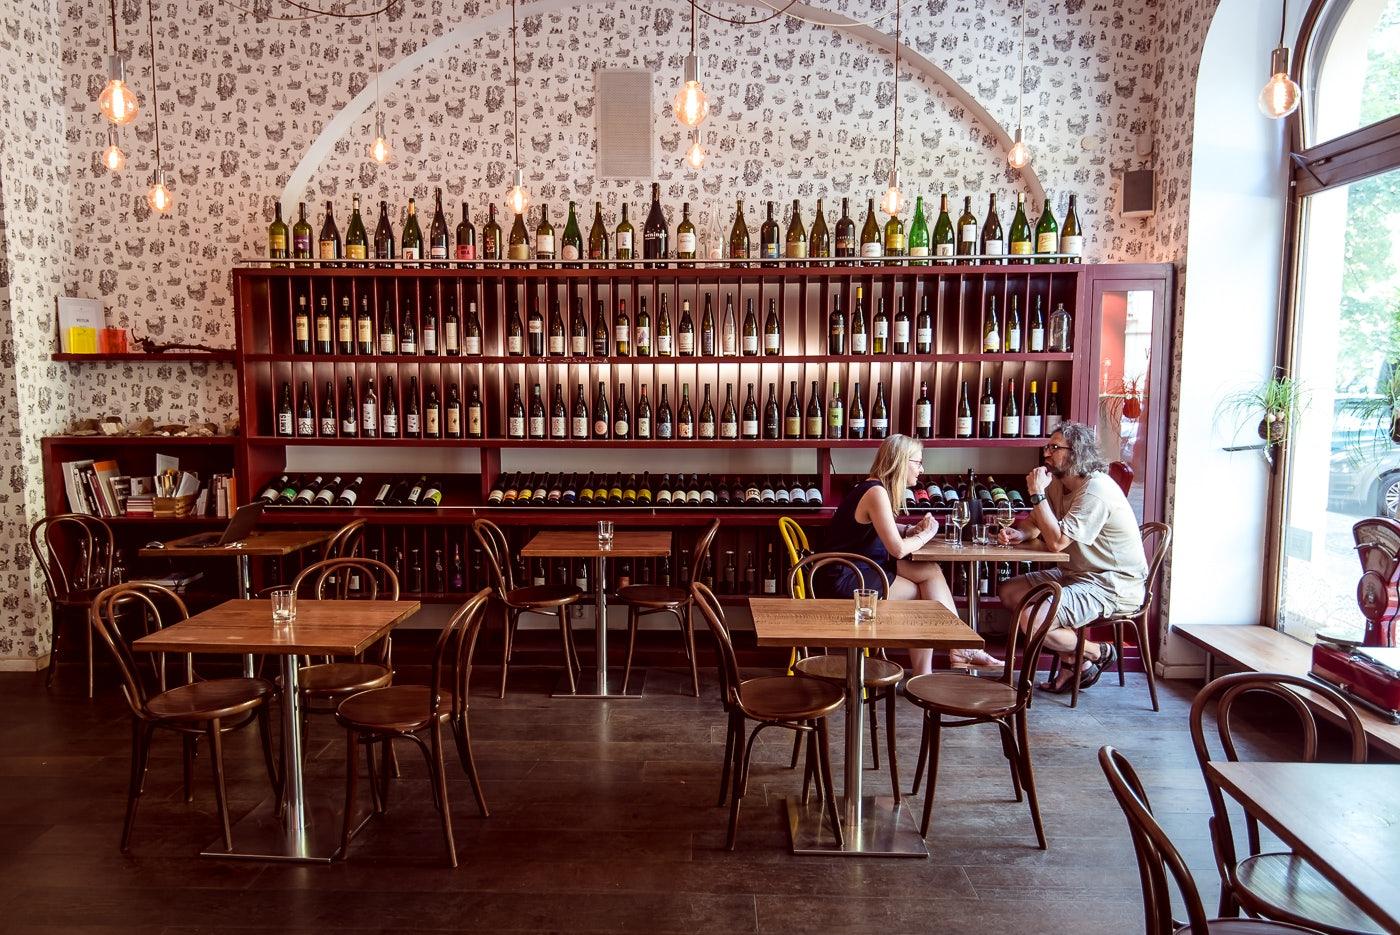 interior of bar Veltlin